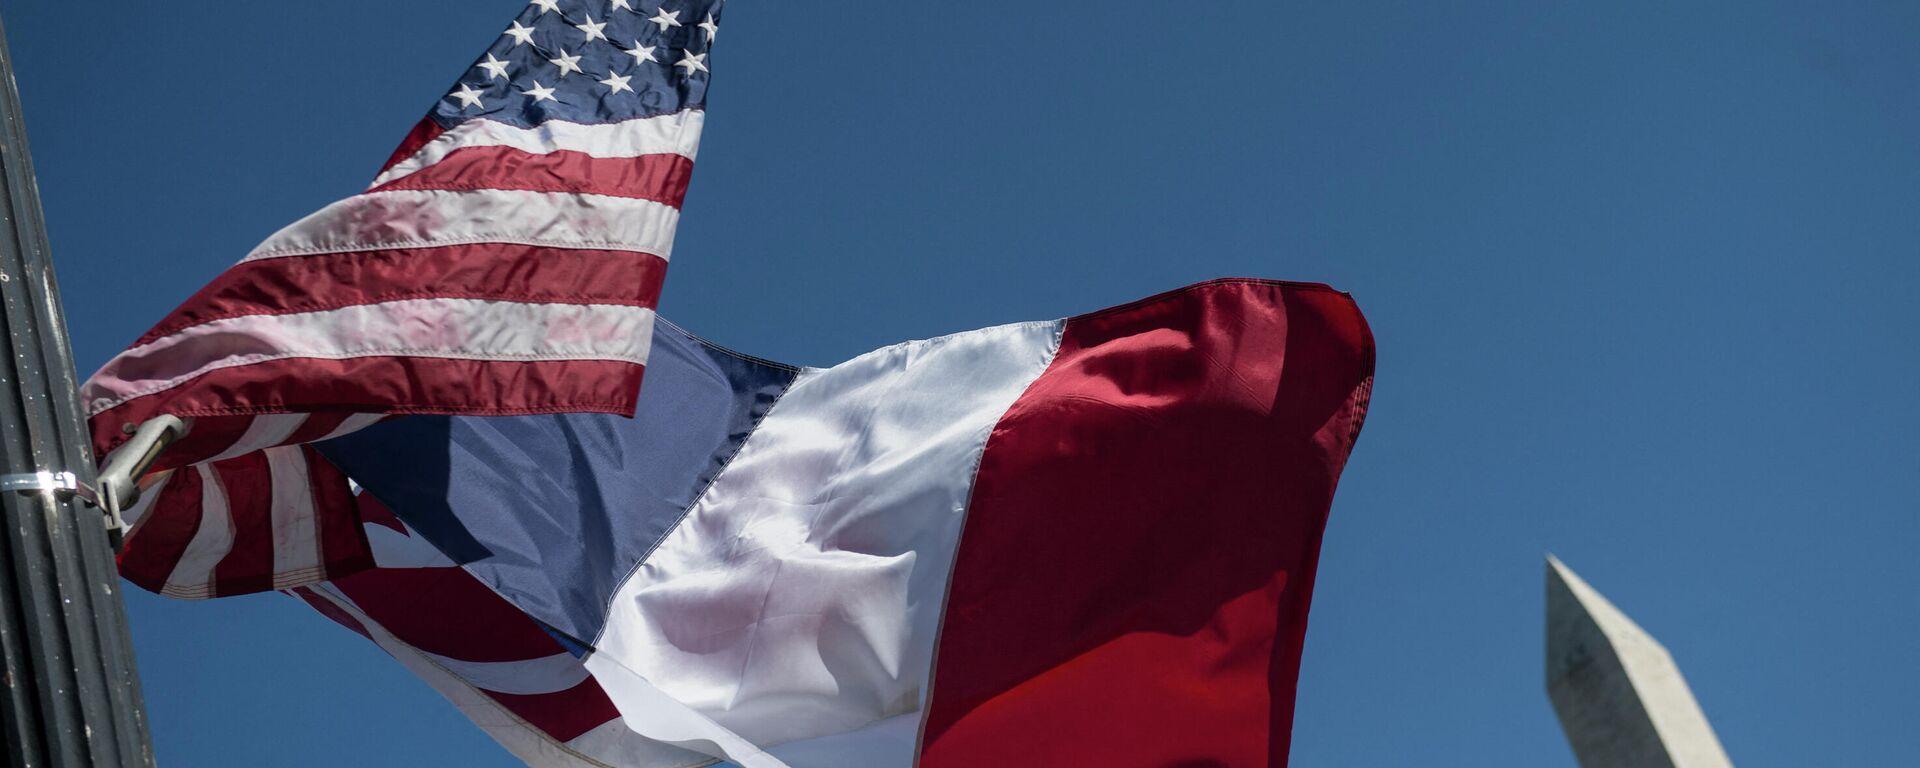 Σημαίες ΗΠΑ - Γαλλία - Sputnik Ελλάδα, 1920, 17.09.2021